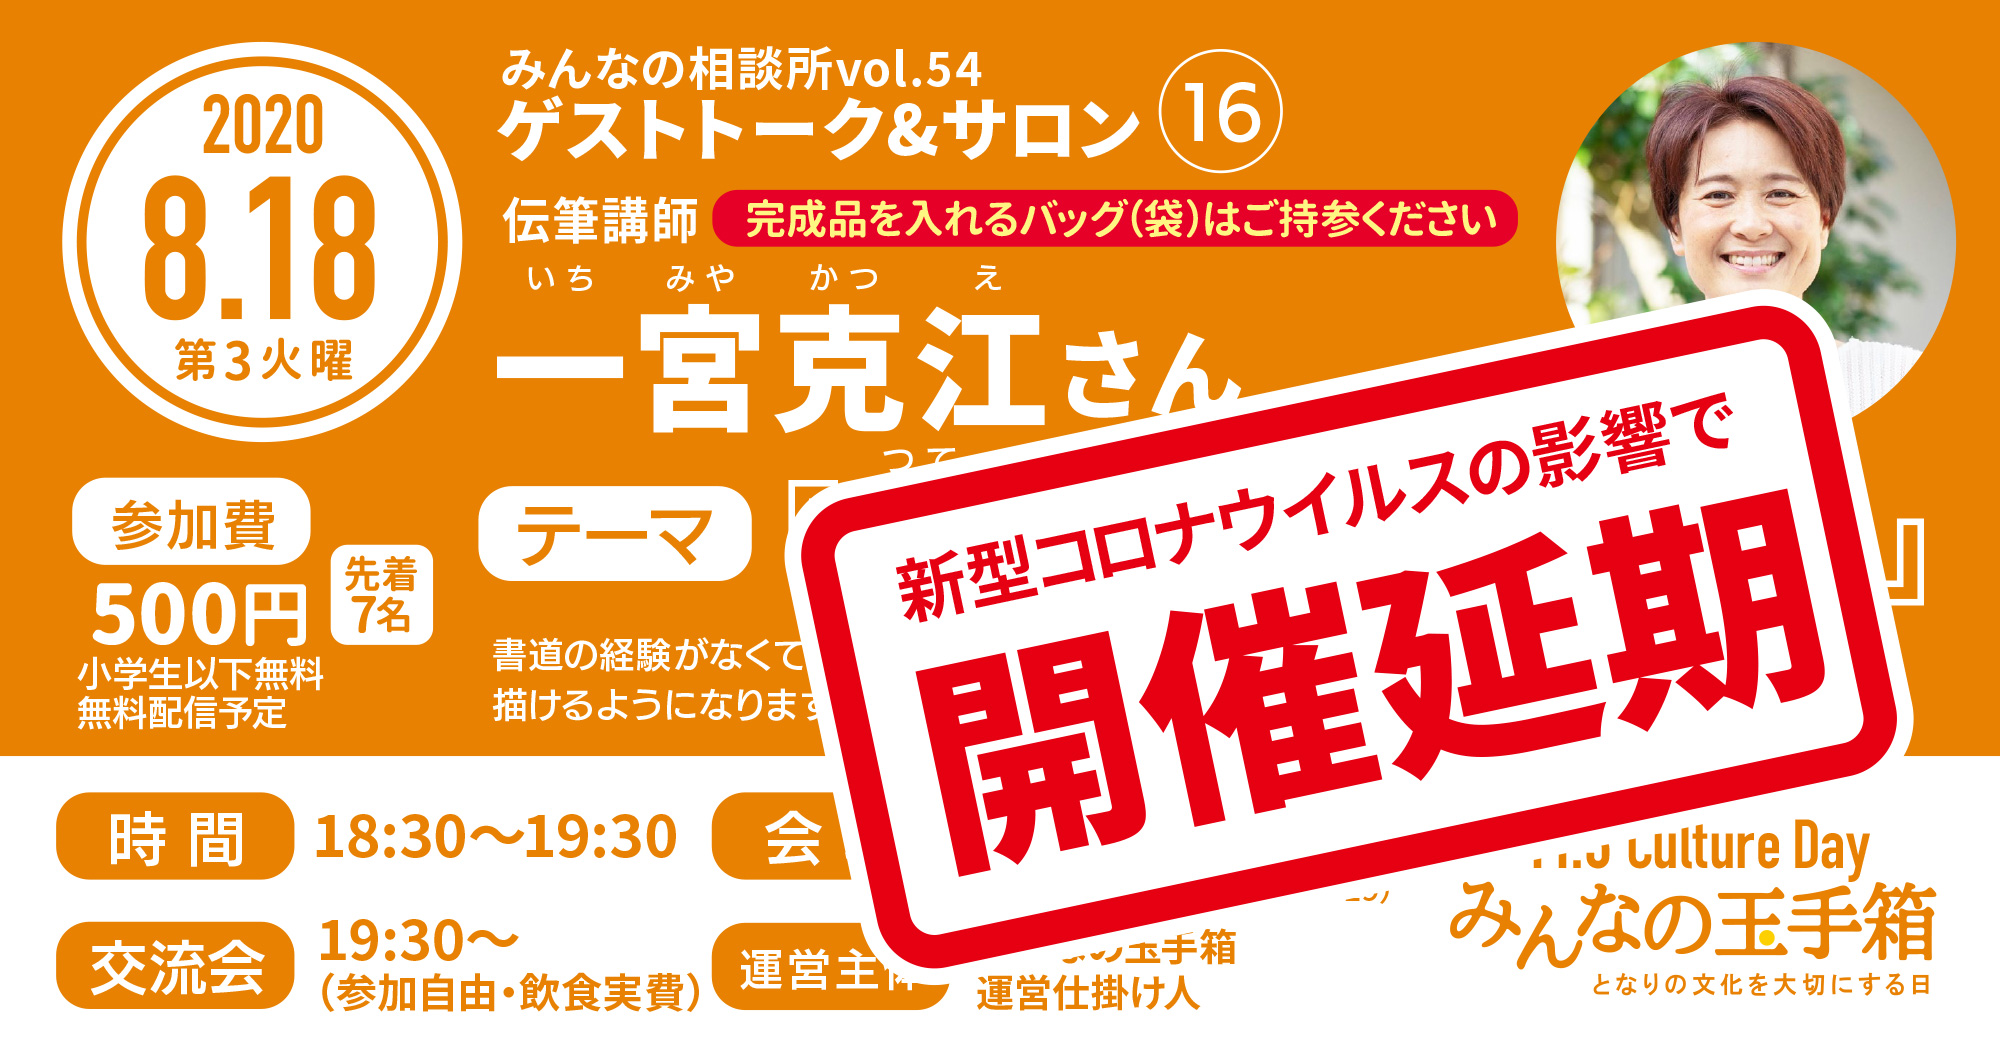 みんなの相談所vol.54 ゲストトーク&サロン:一宮克江さん